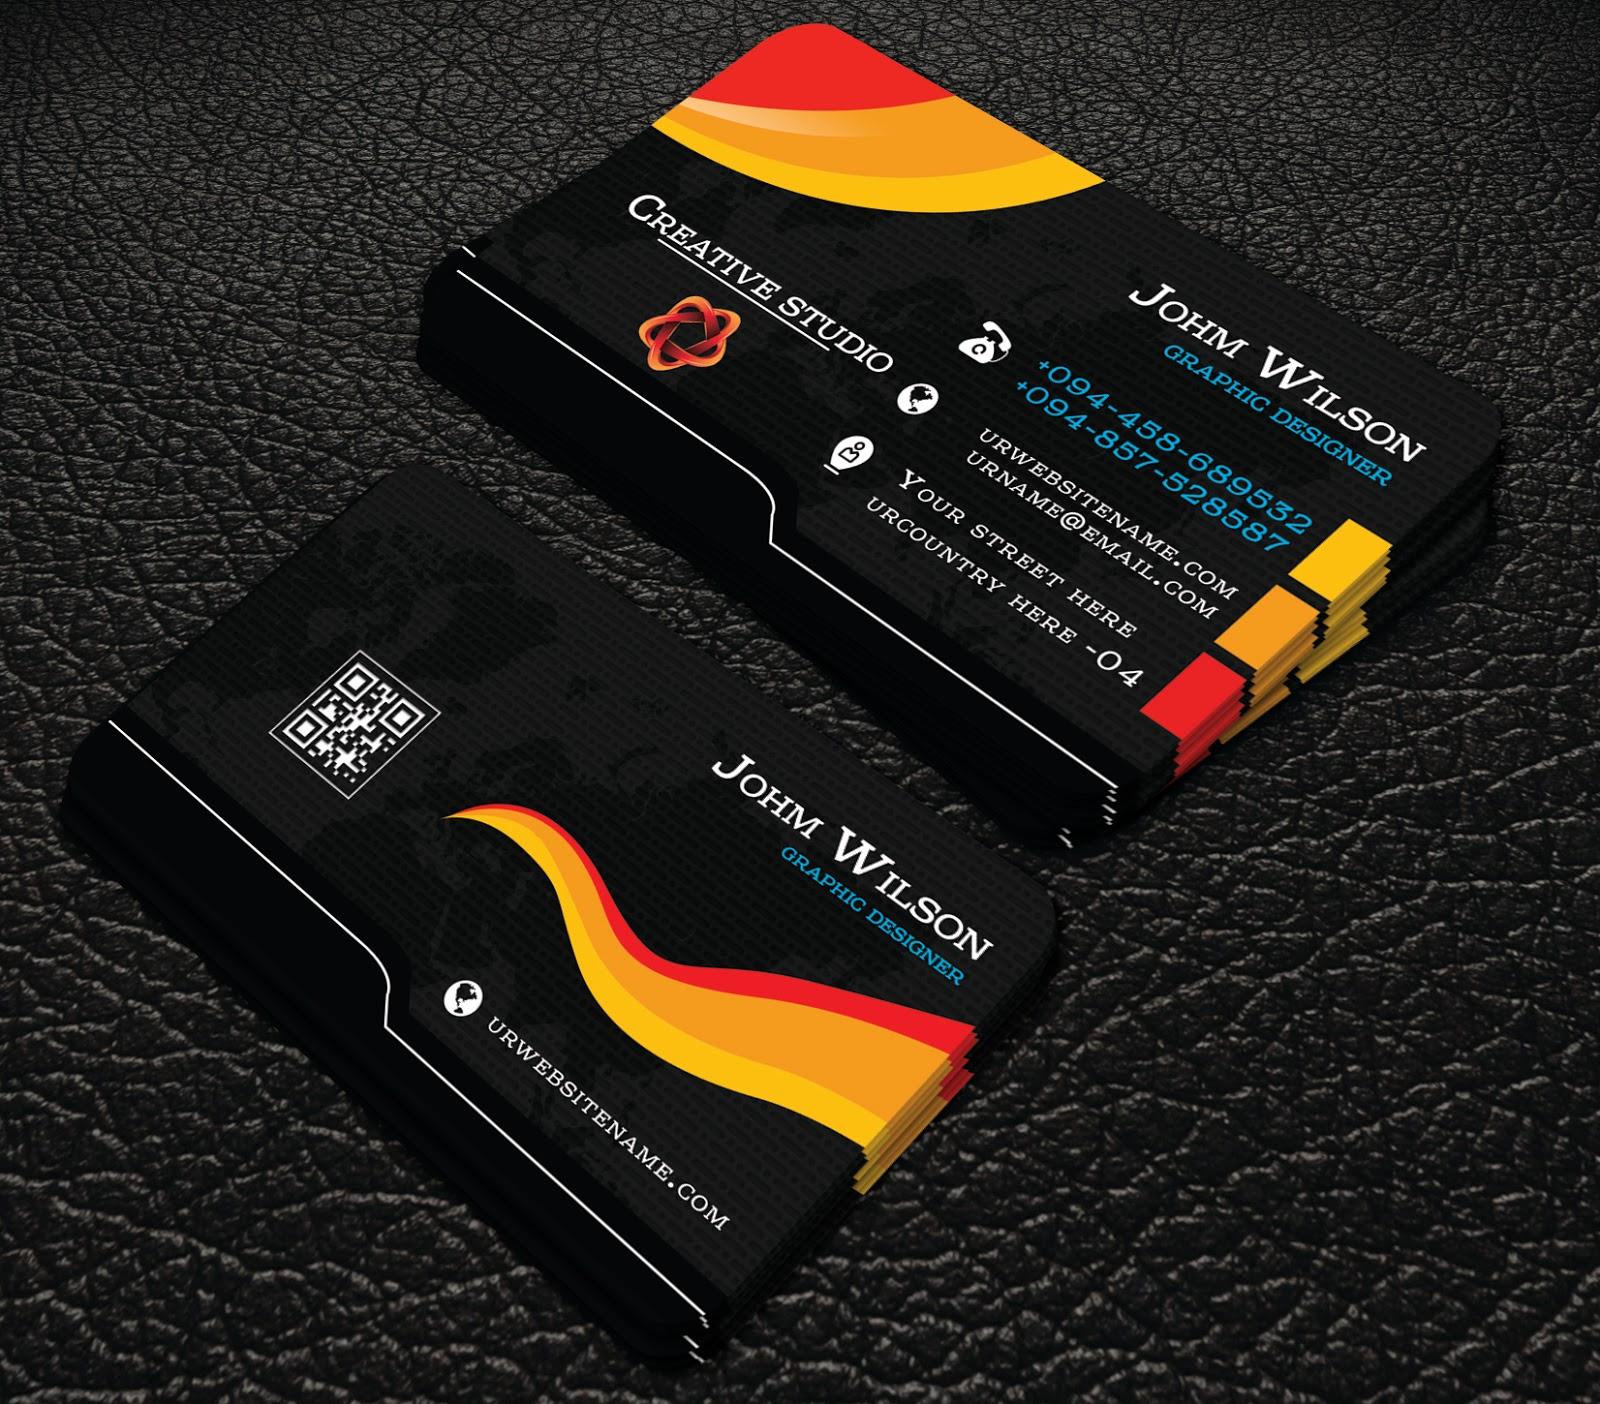 Quickbooks invoice templates professional business card templates free template professional business card templates accmission Gallery